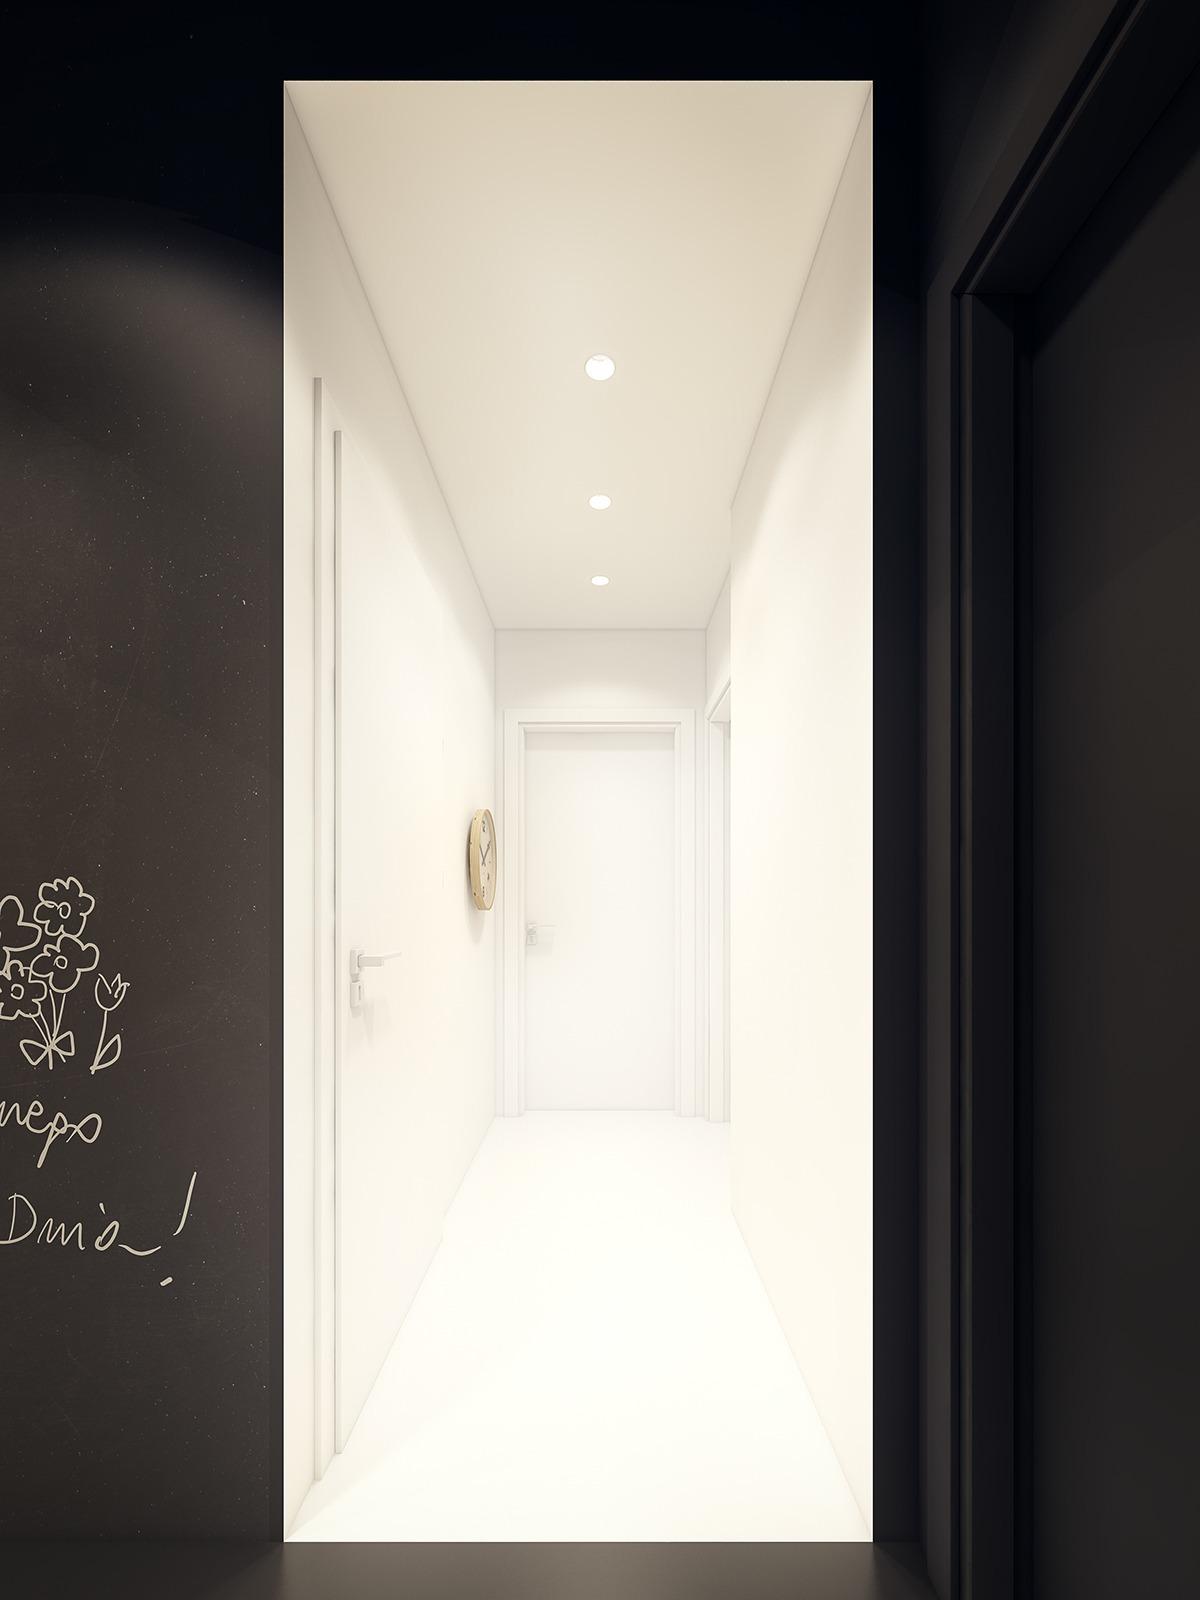 Creative entryway design